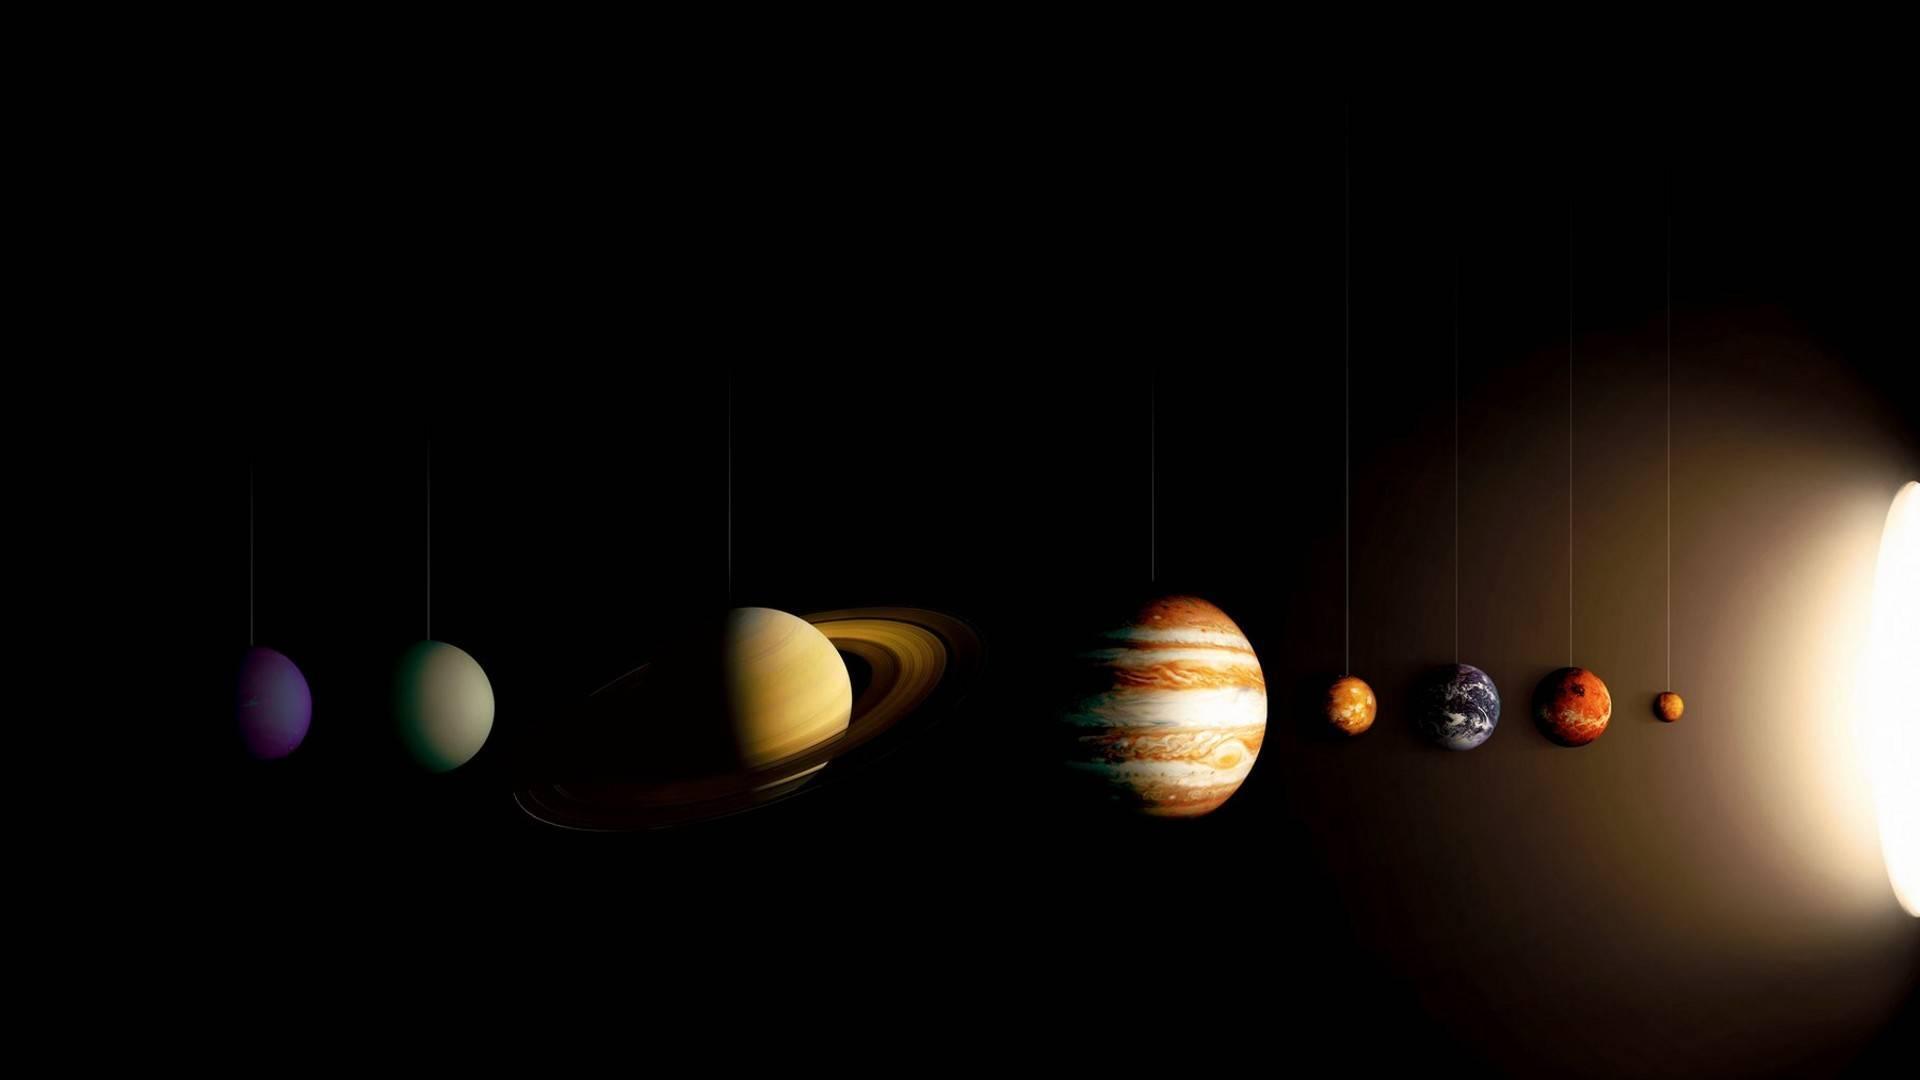 Движущие картинки космоса на рабочий стол открытие